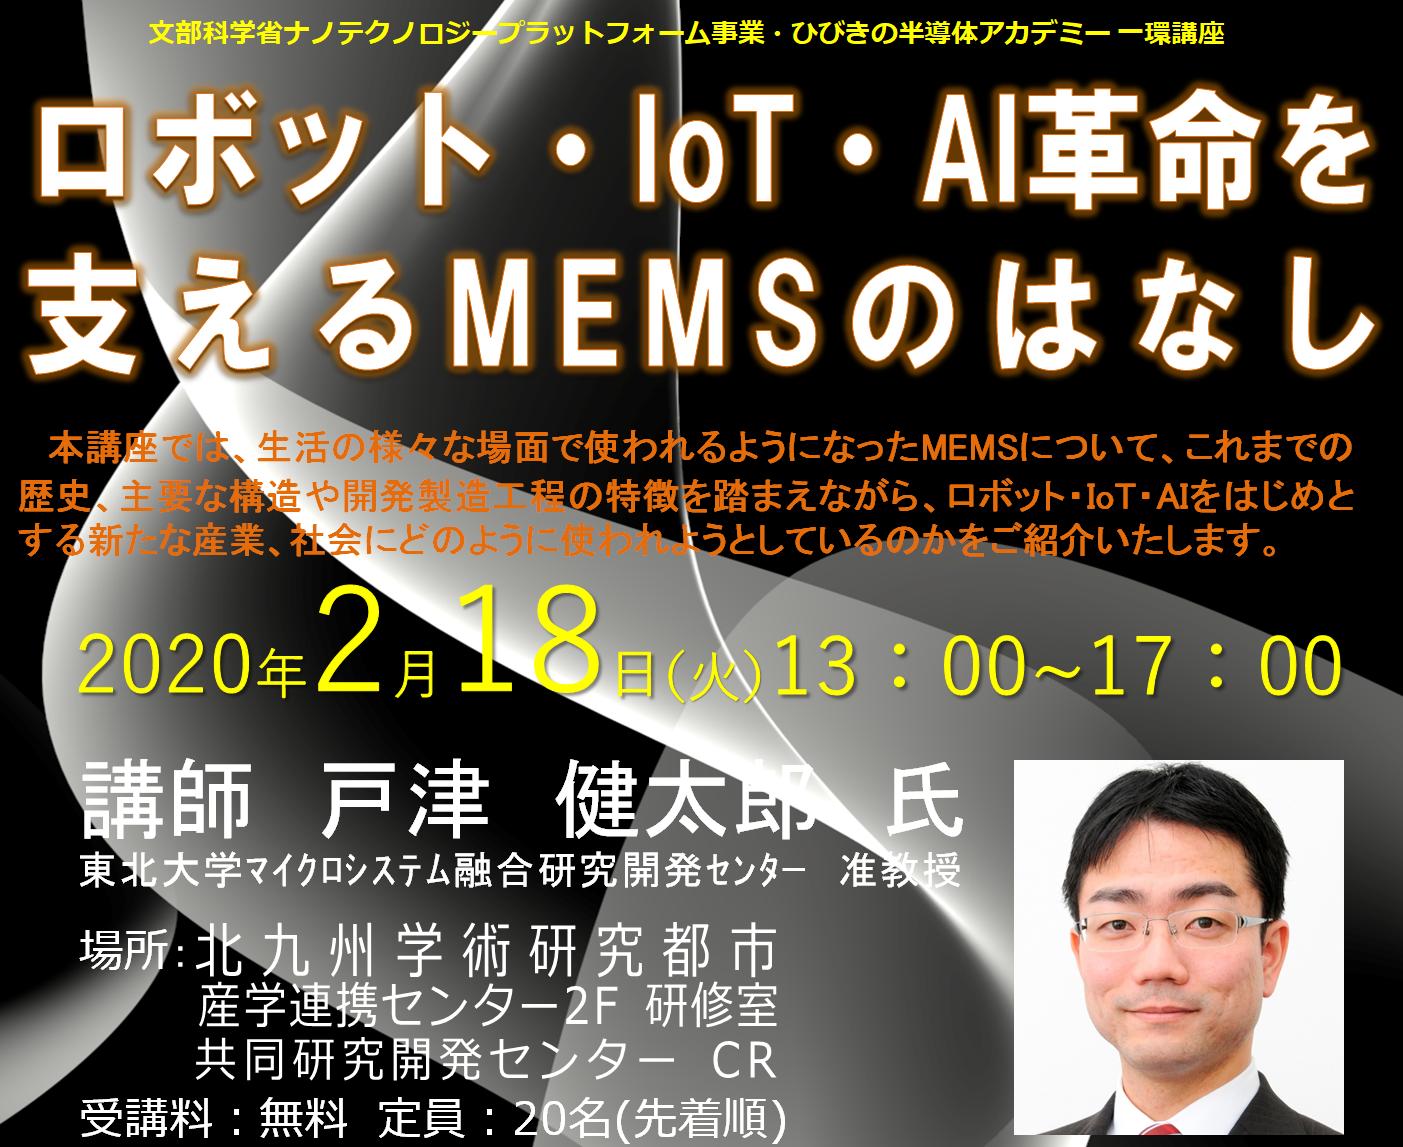 「ロボット・IoT・AI革命を支えるMEMSのはなし【2020/2/18】」のご案内